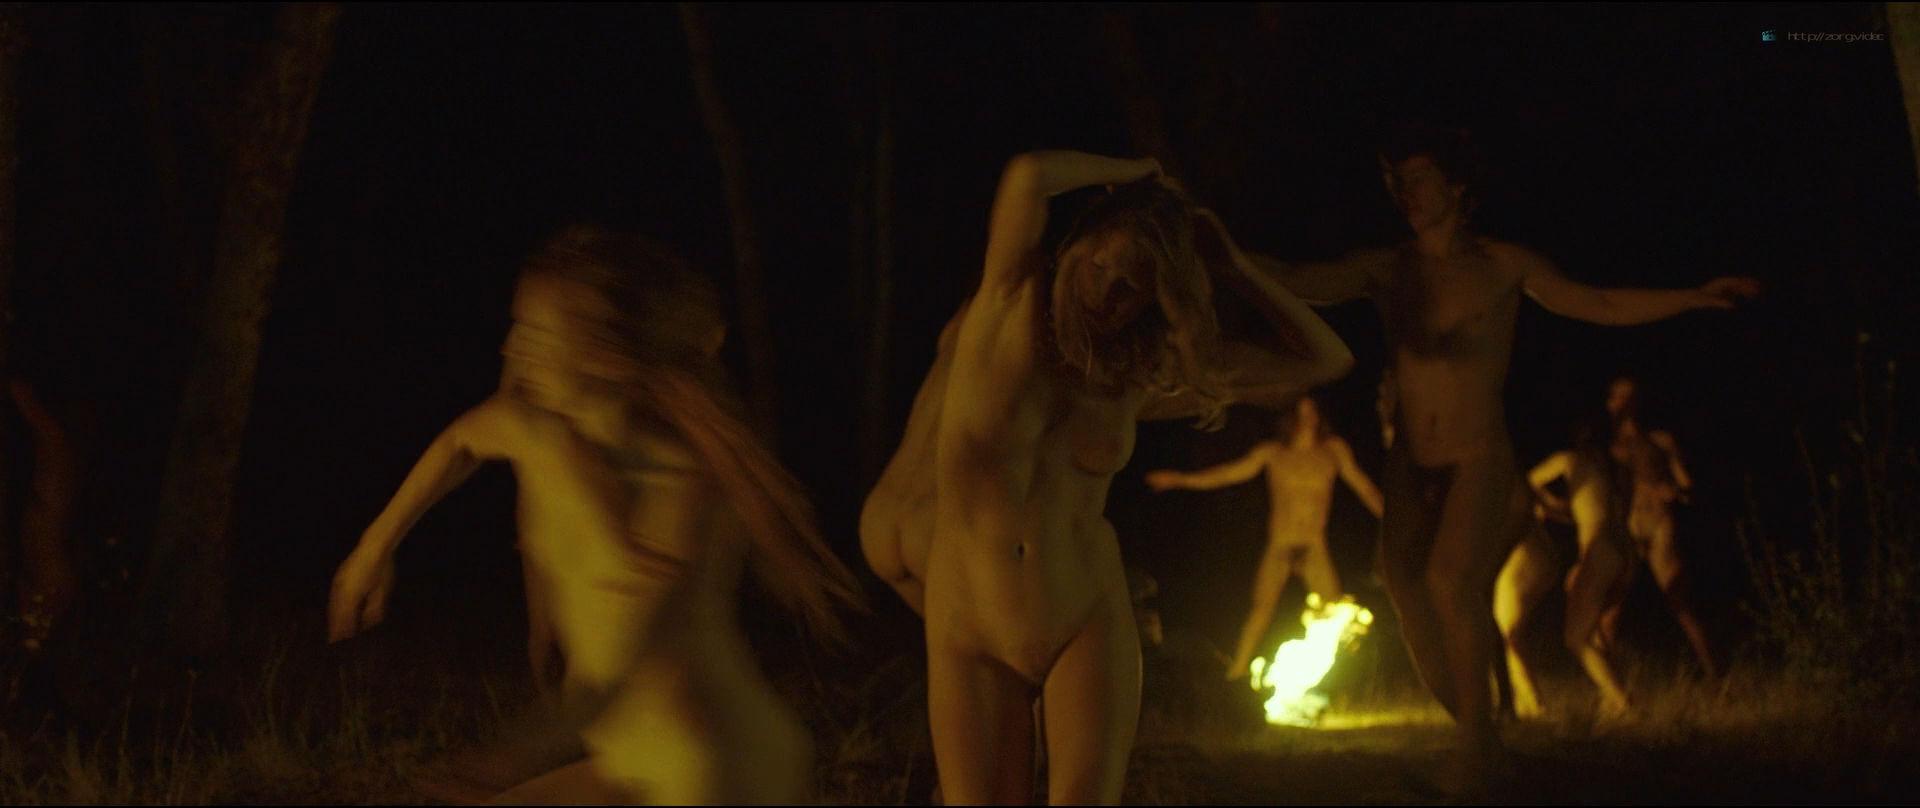 Marianna Fontana nude full frontal Jenna Thiam others nude - Capri-Revolution (2018) HD 1080p BluRay (6)